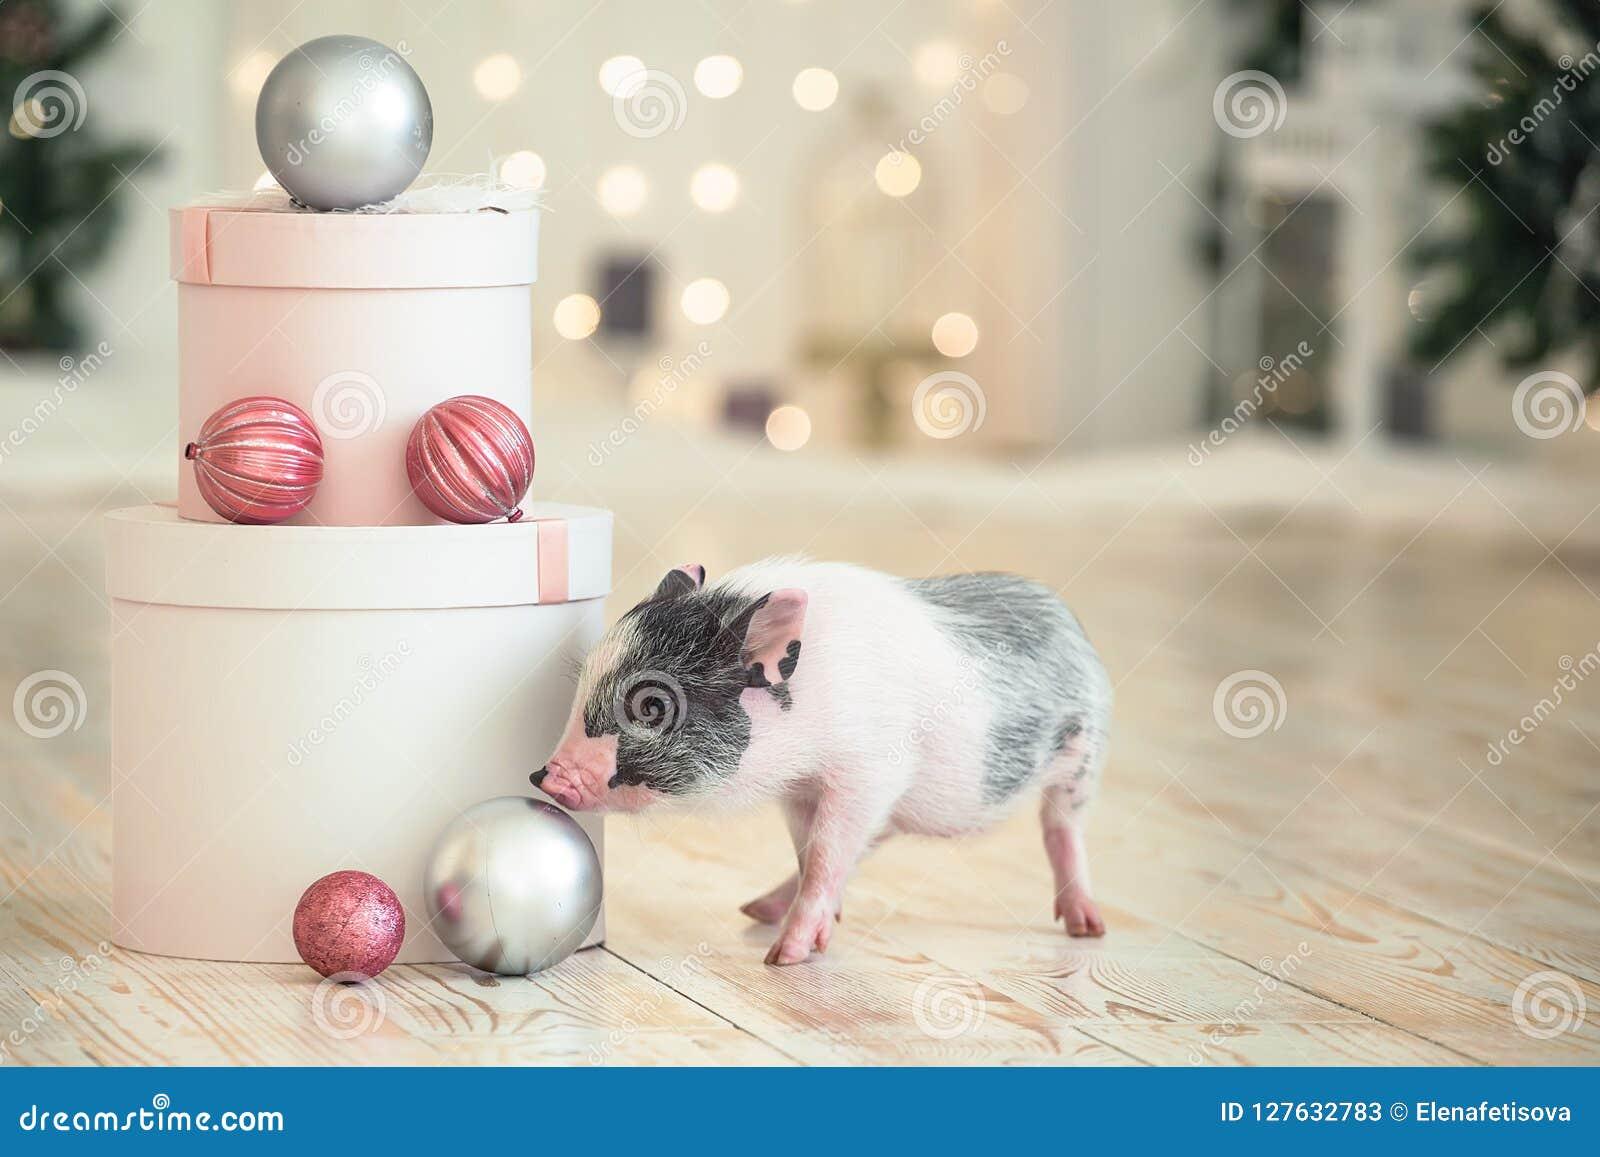 Grote ronde Kerstmisdozen naast een klein bevlekt varken, een symbool van het Nieuwjaar